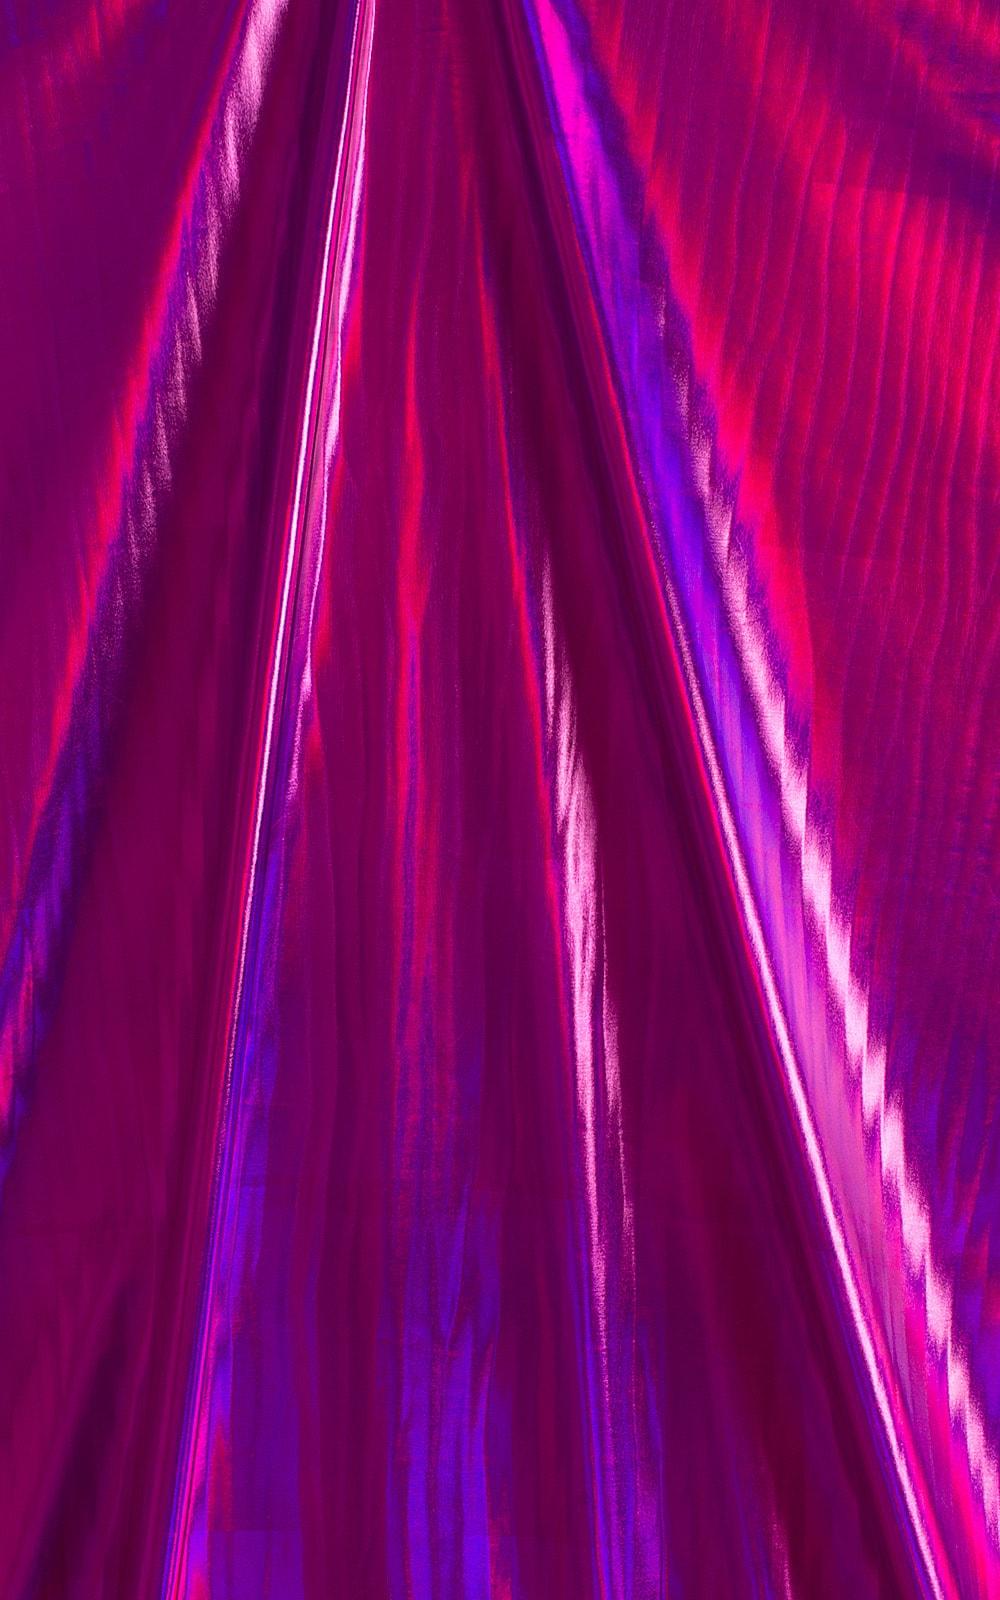 Holographic Metallic Liquid Fuschia 2